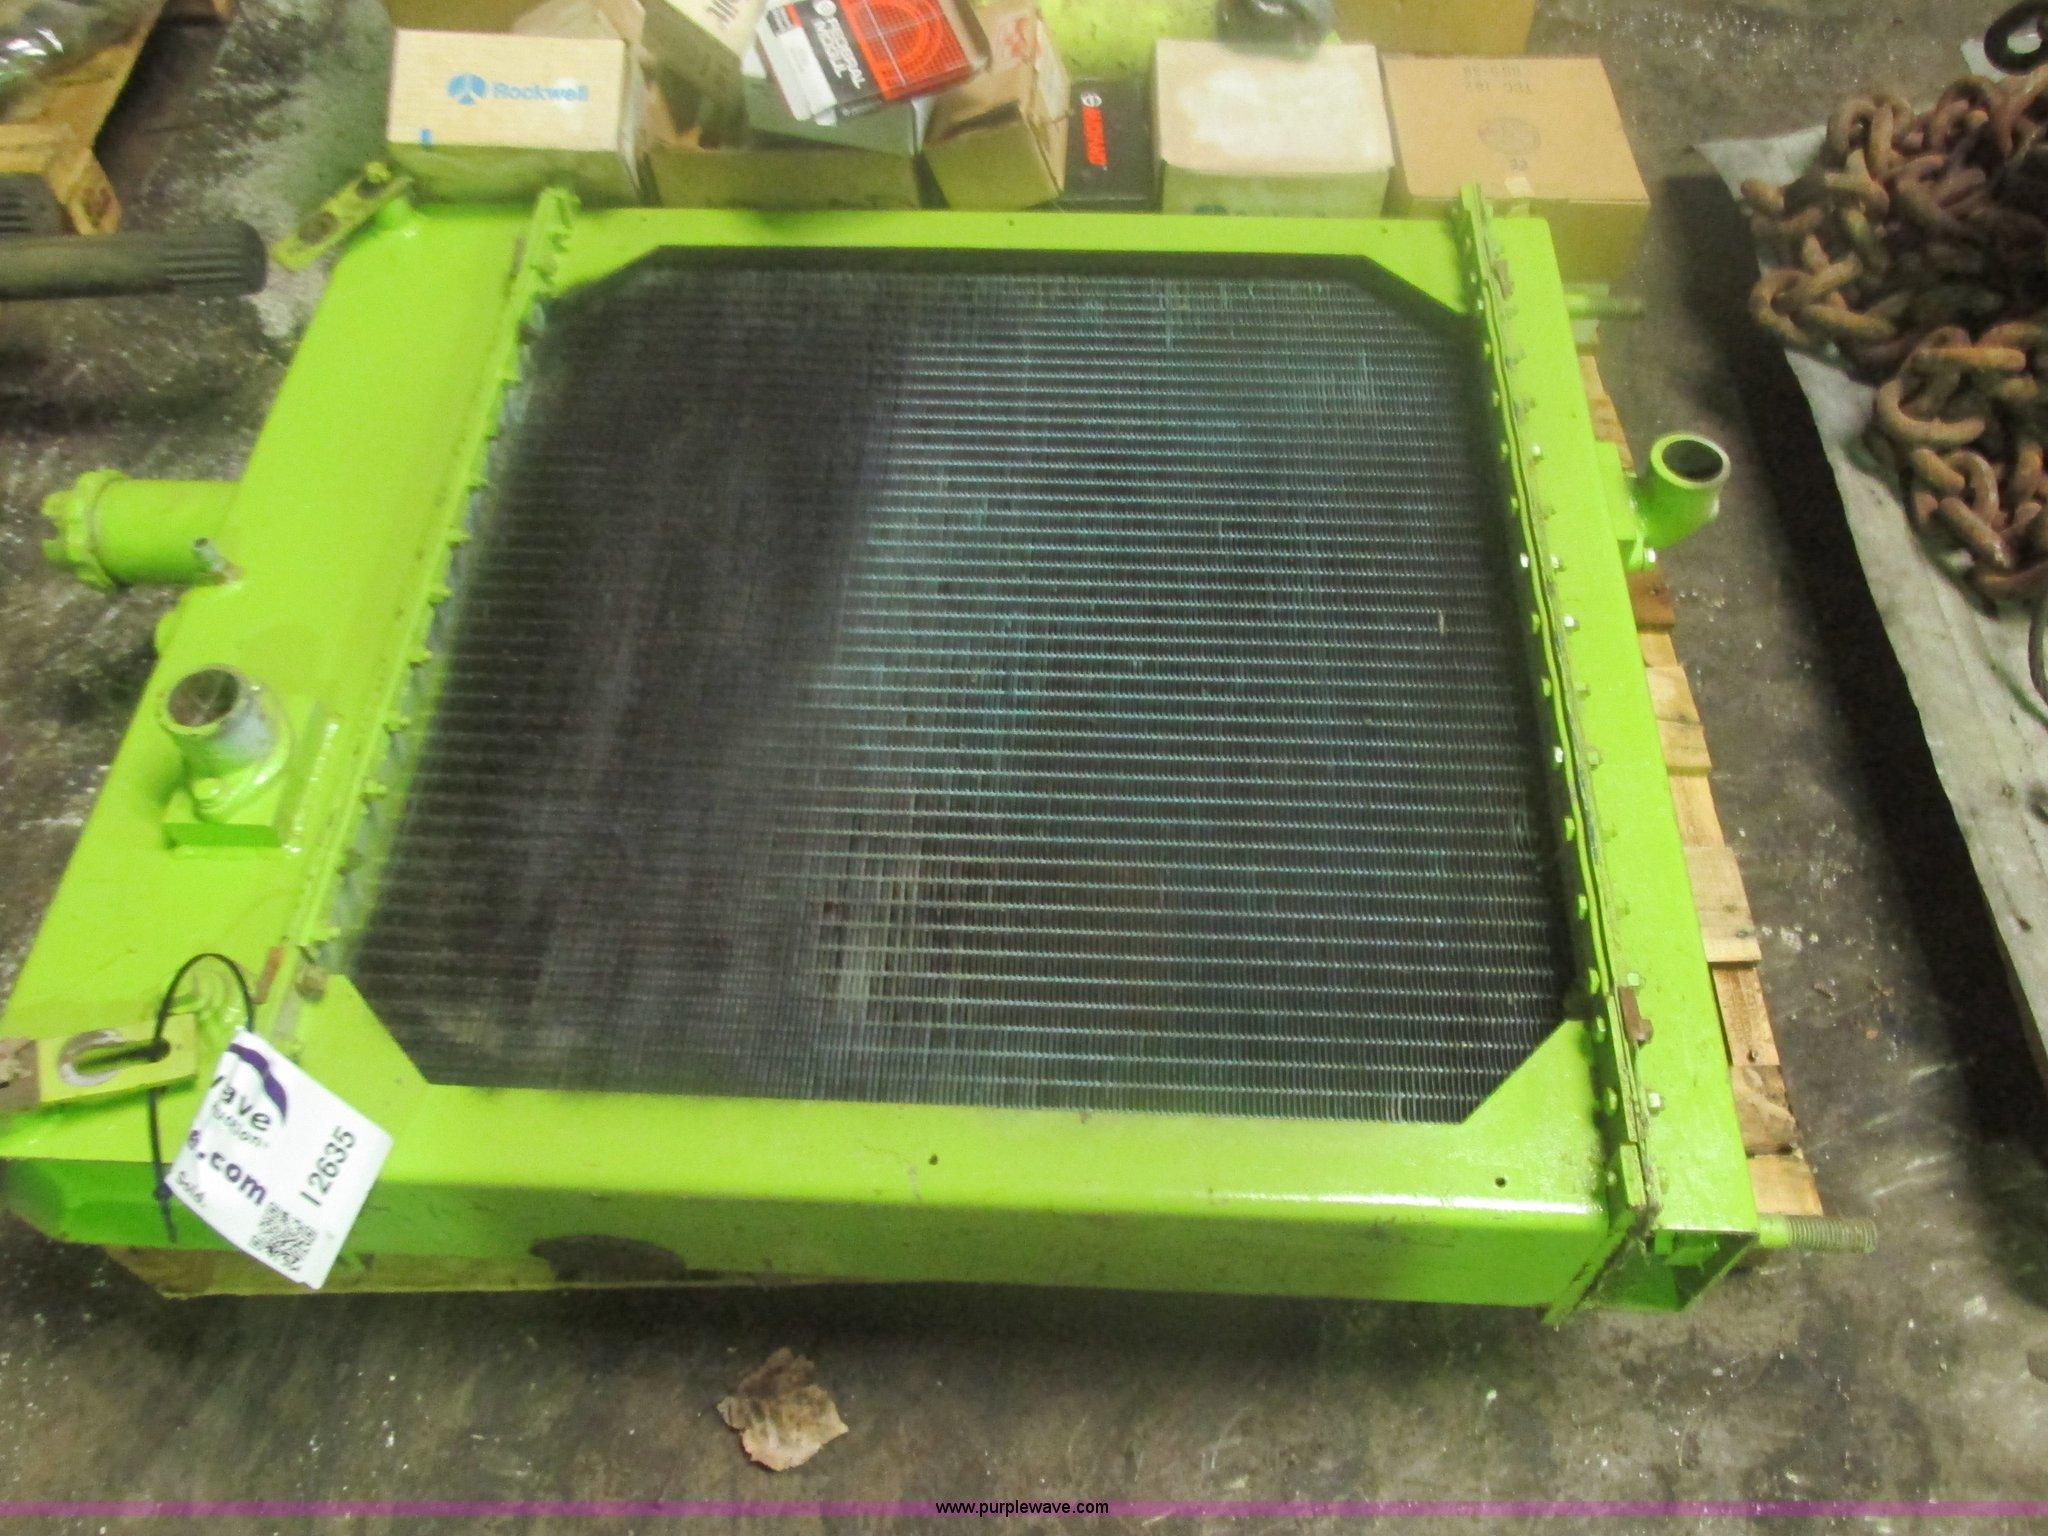 Assorted Terex TS14 scraper parts | Item I2635 | SOLD! June